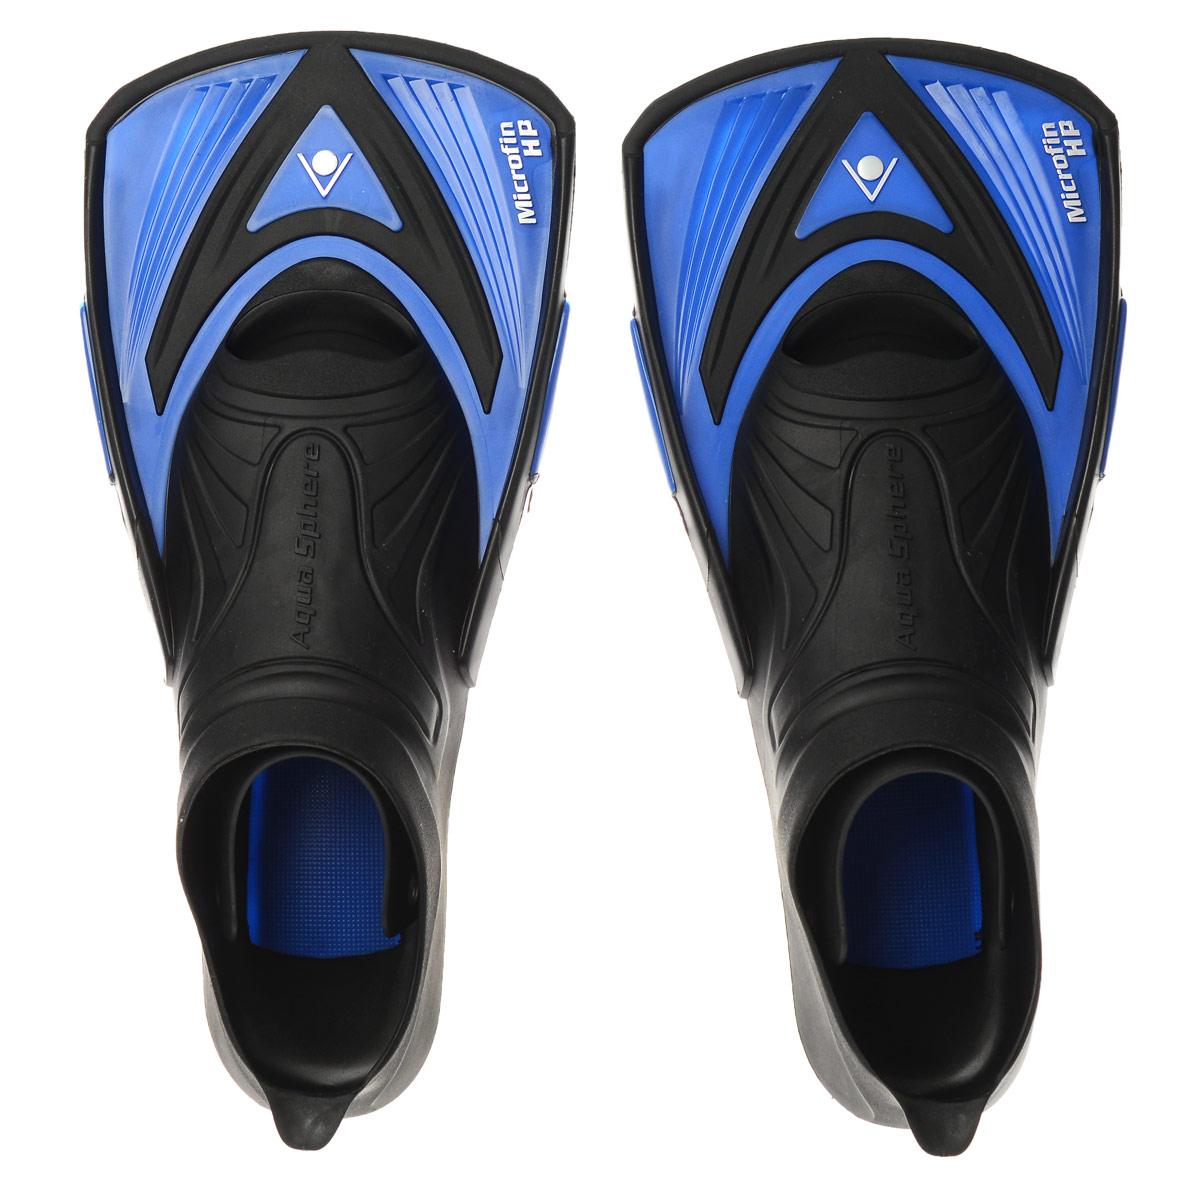 Ласты тренировочные Aqua Sphere Microfin HP, цвет: синий. Размер 34/35 aqua sphere racing tube green прозрачный силикон